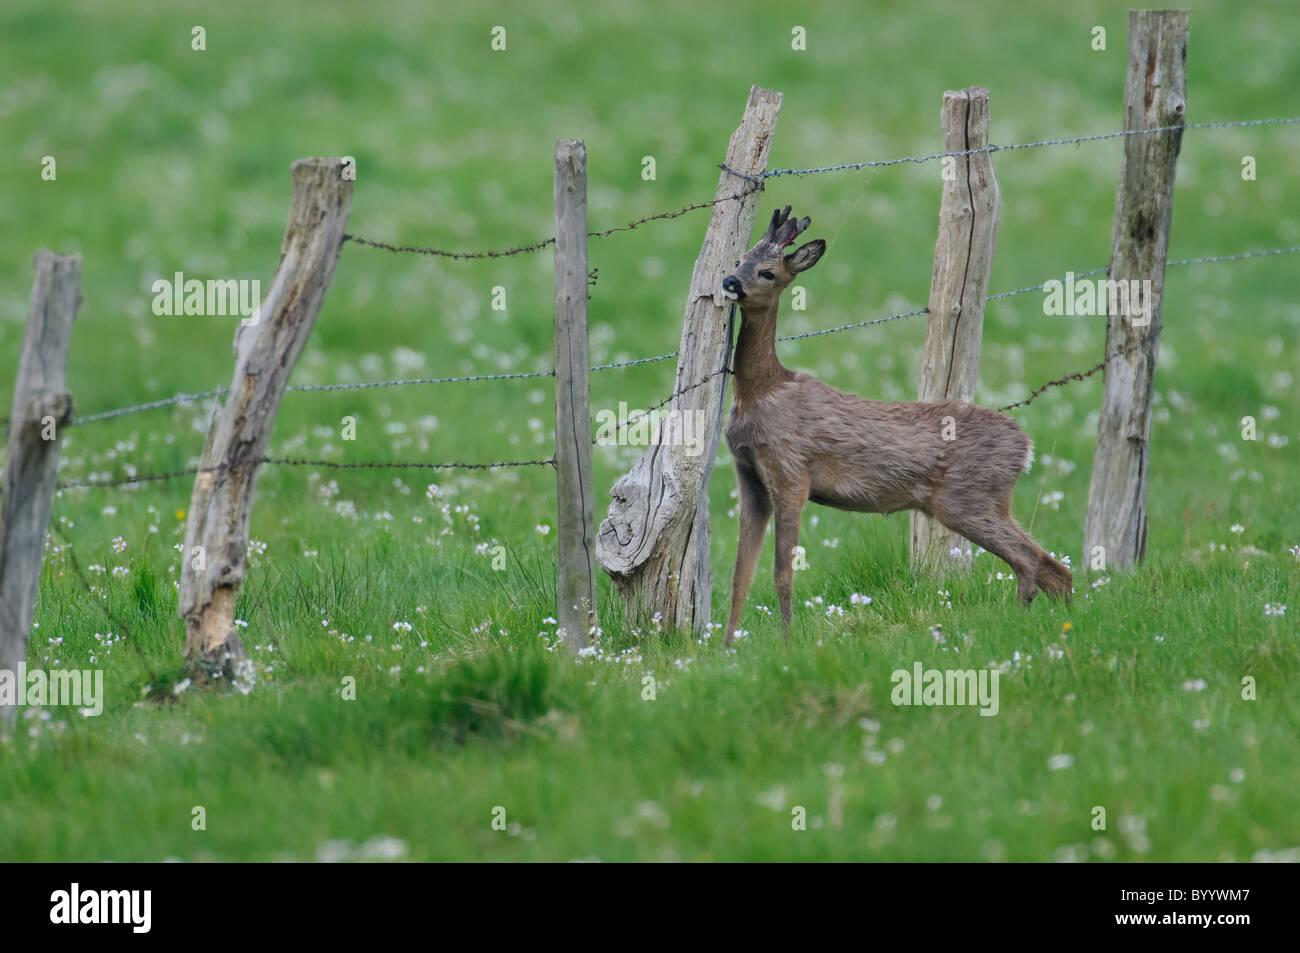 European roe deer [Capreolus capreolus], germany Stock Photo